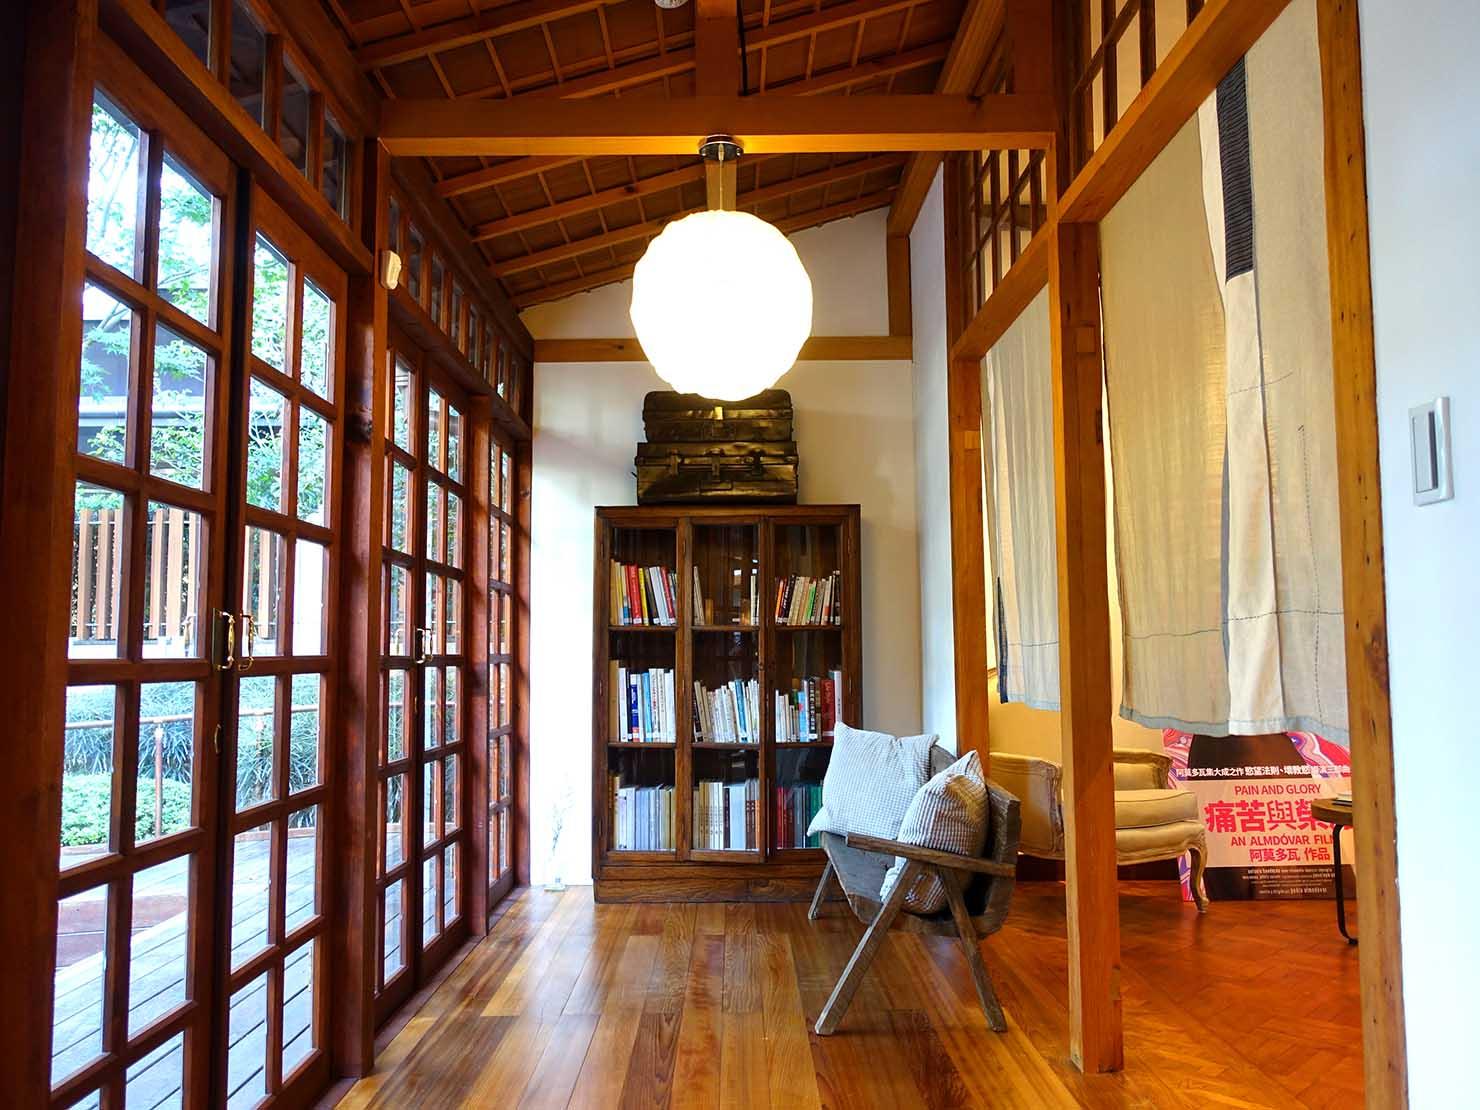 台北の街に佇む日本式古民家の図書館「文房 Chapter」の縁側に置かれた本棚